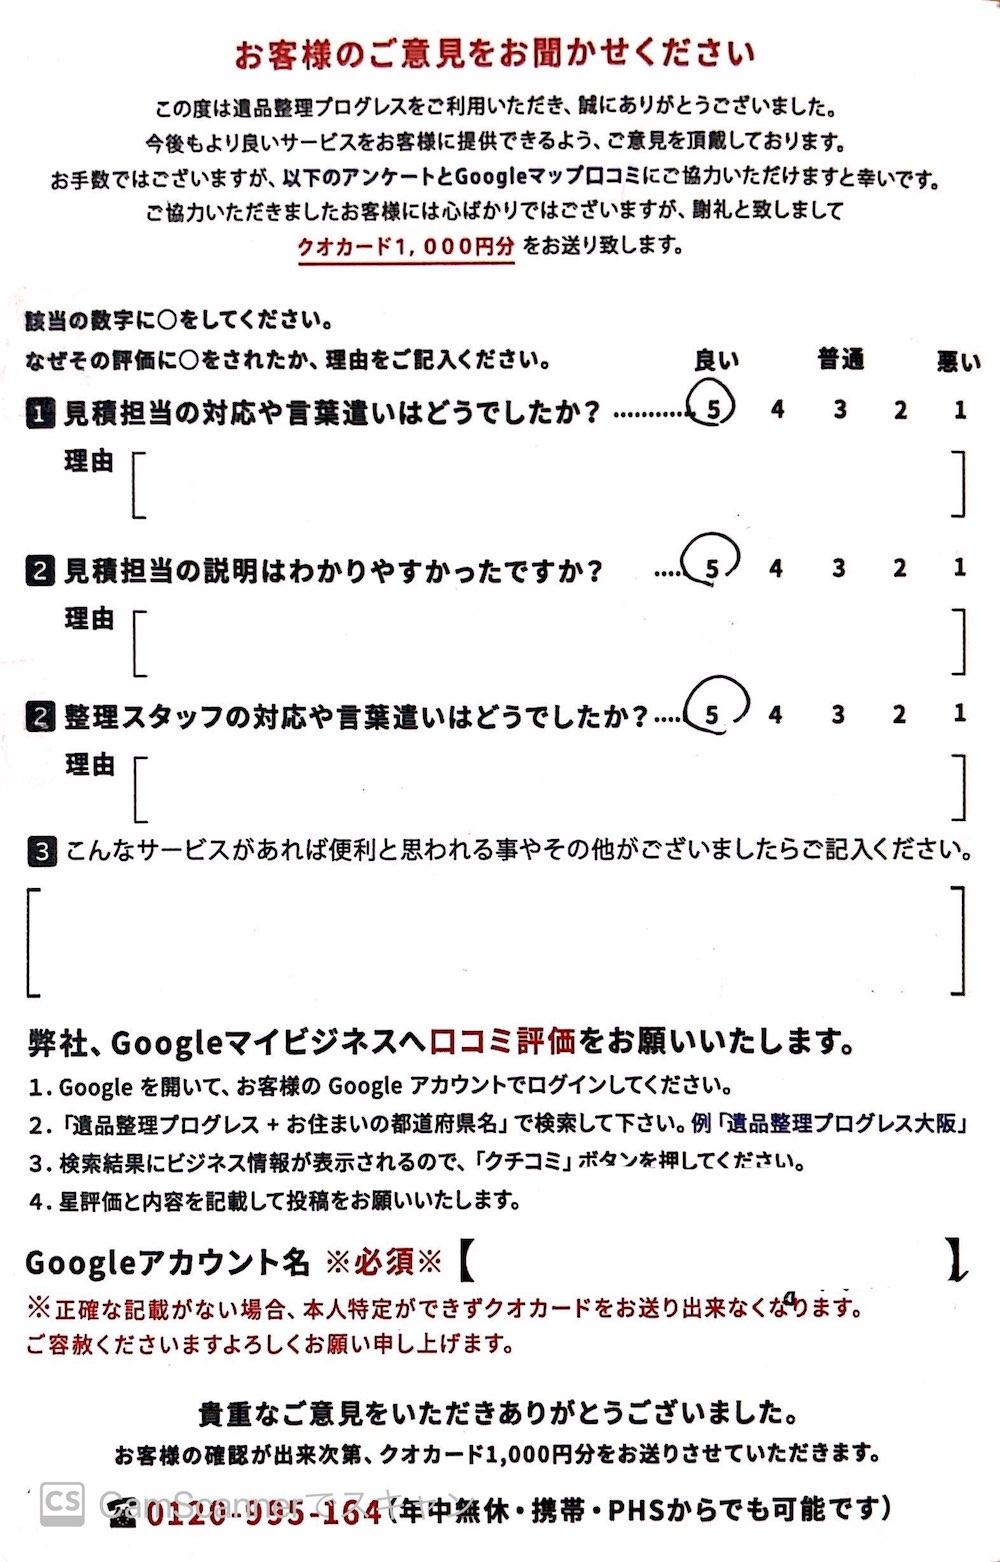 広島県広島市安佐南区 M・M様 のアンケート用紙